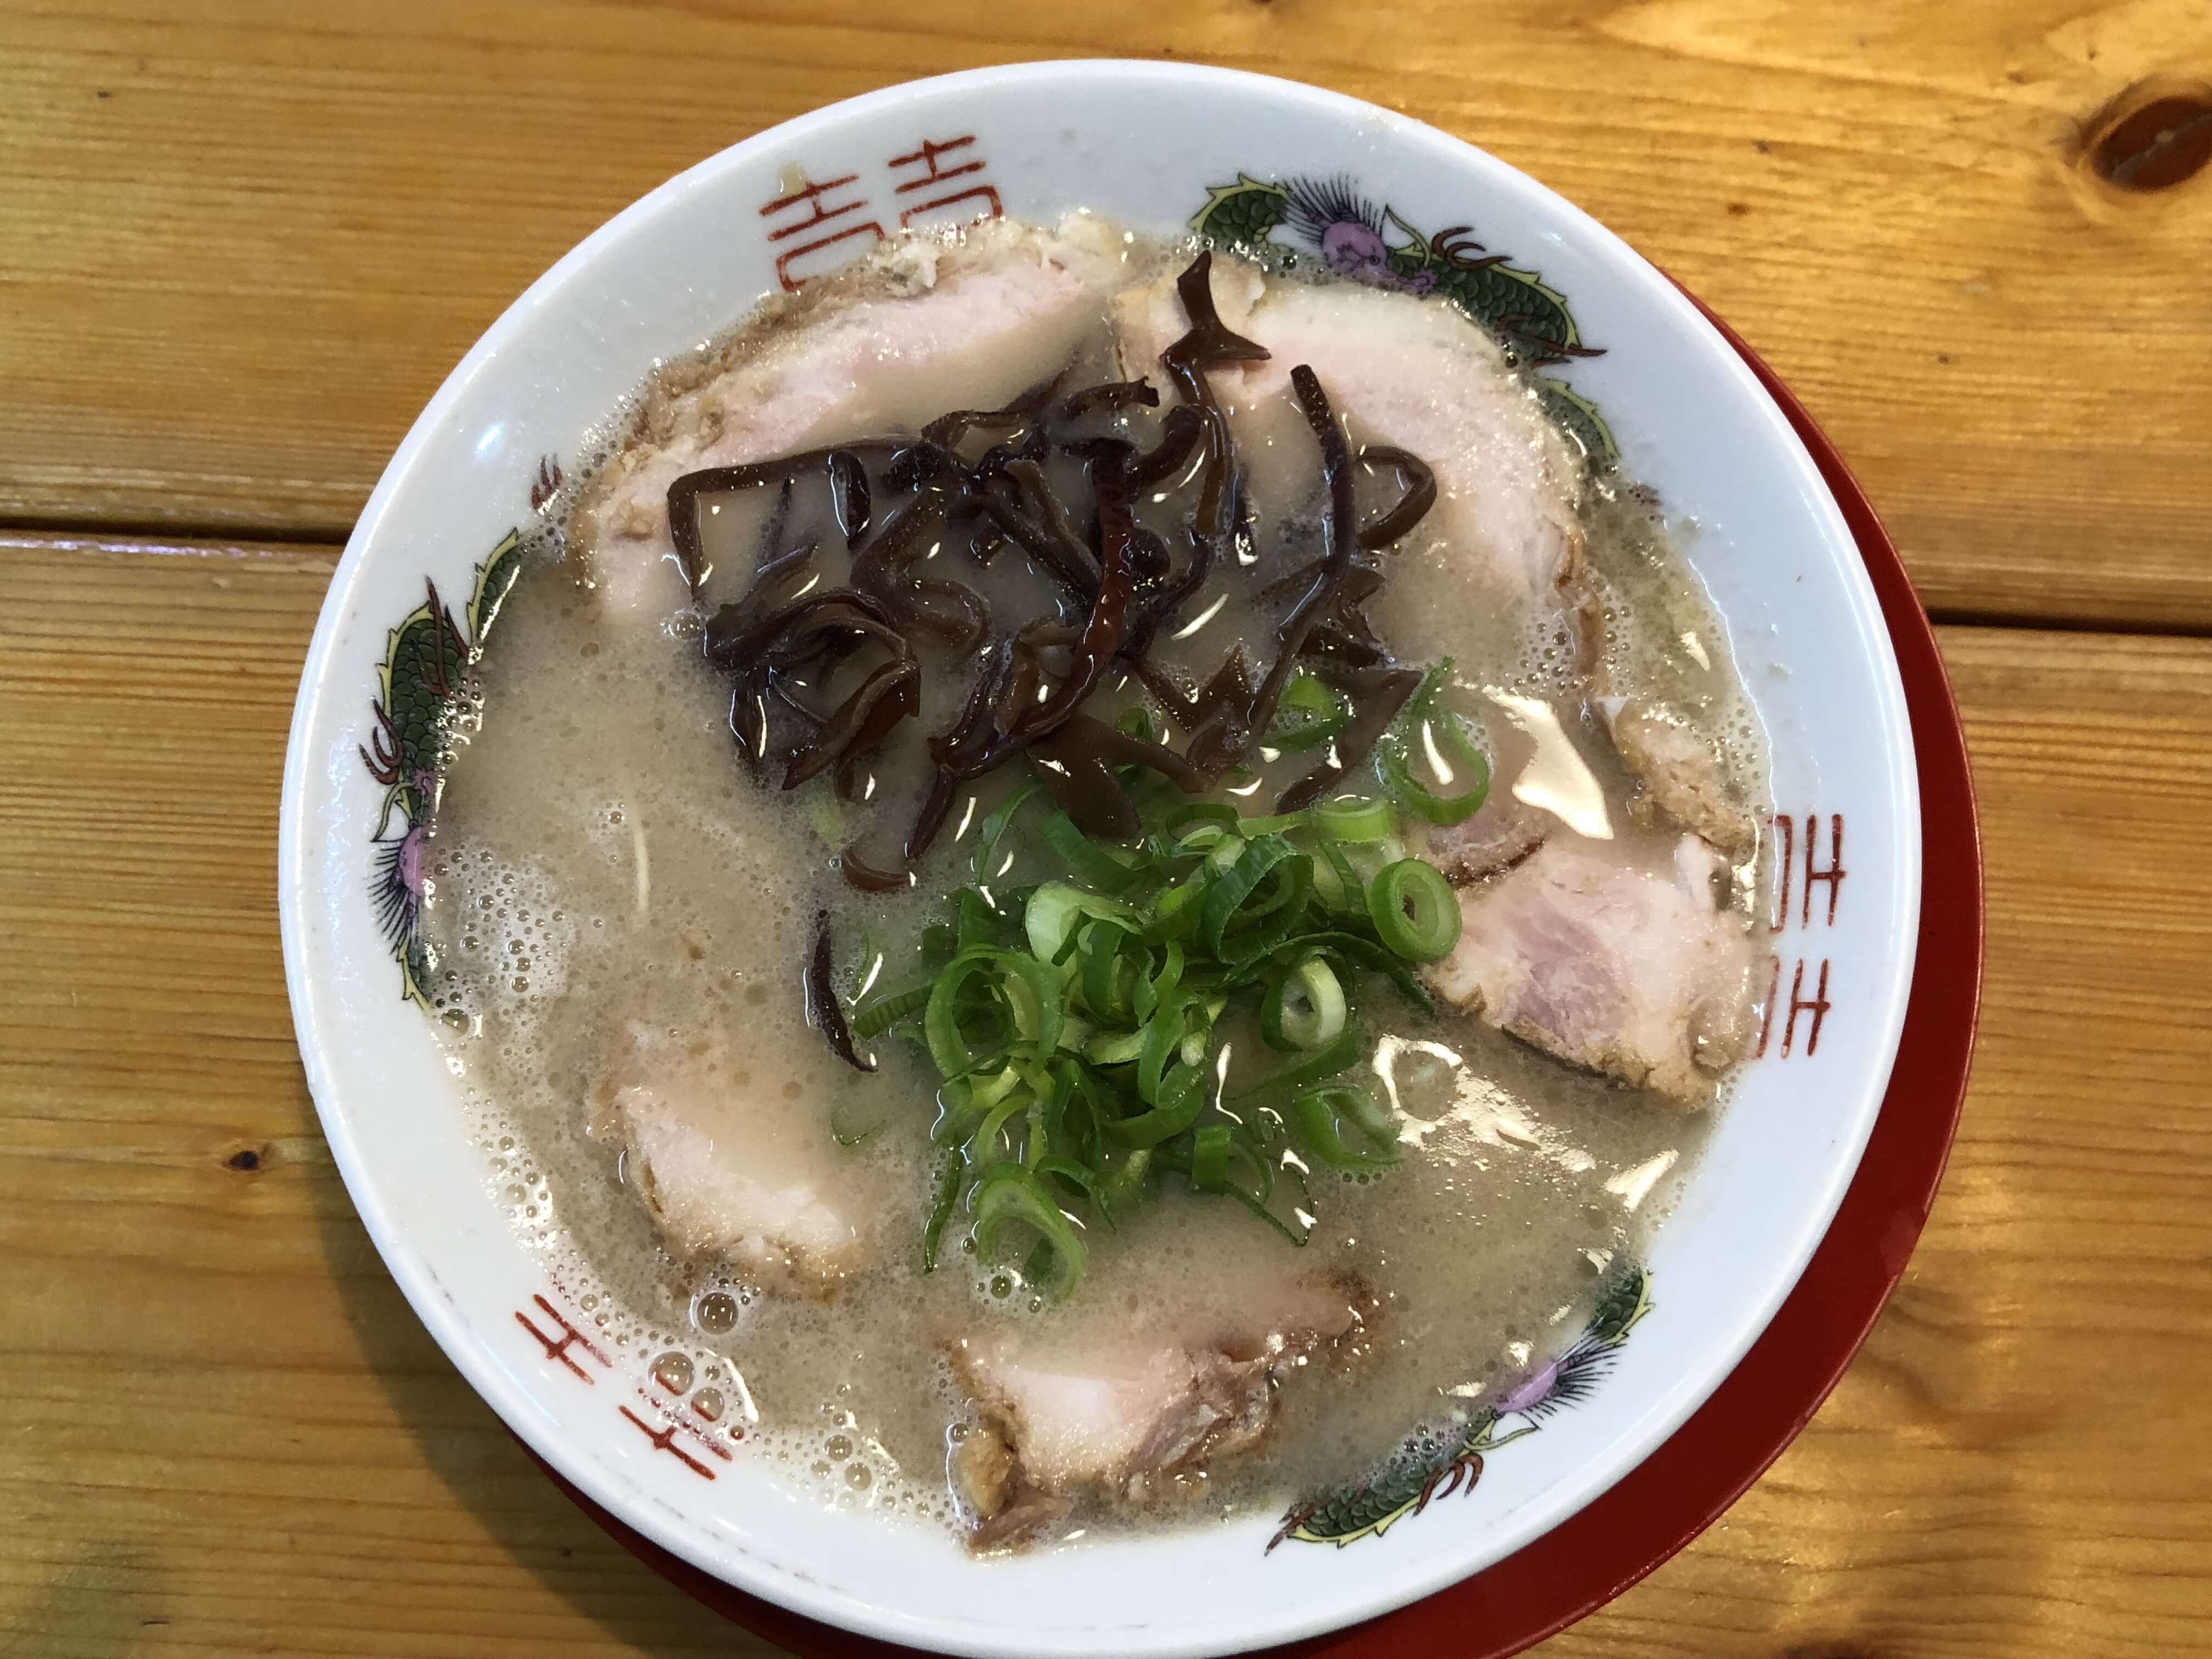 『 博多ラーメン がんばる軒 』金沢で本場の豚骨ラーメン !! 気分は博多〜